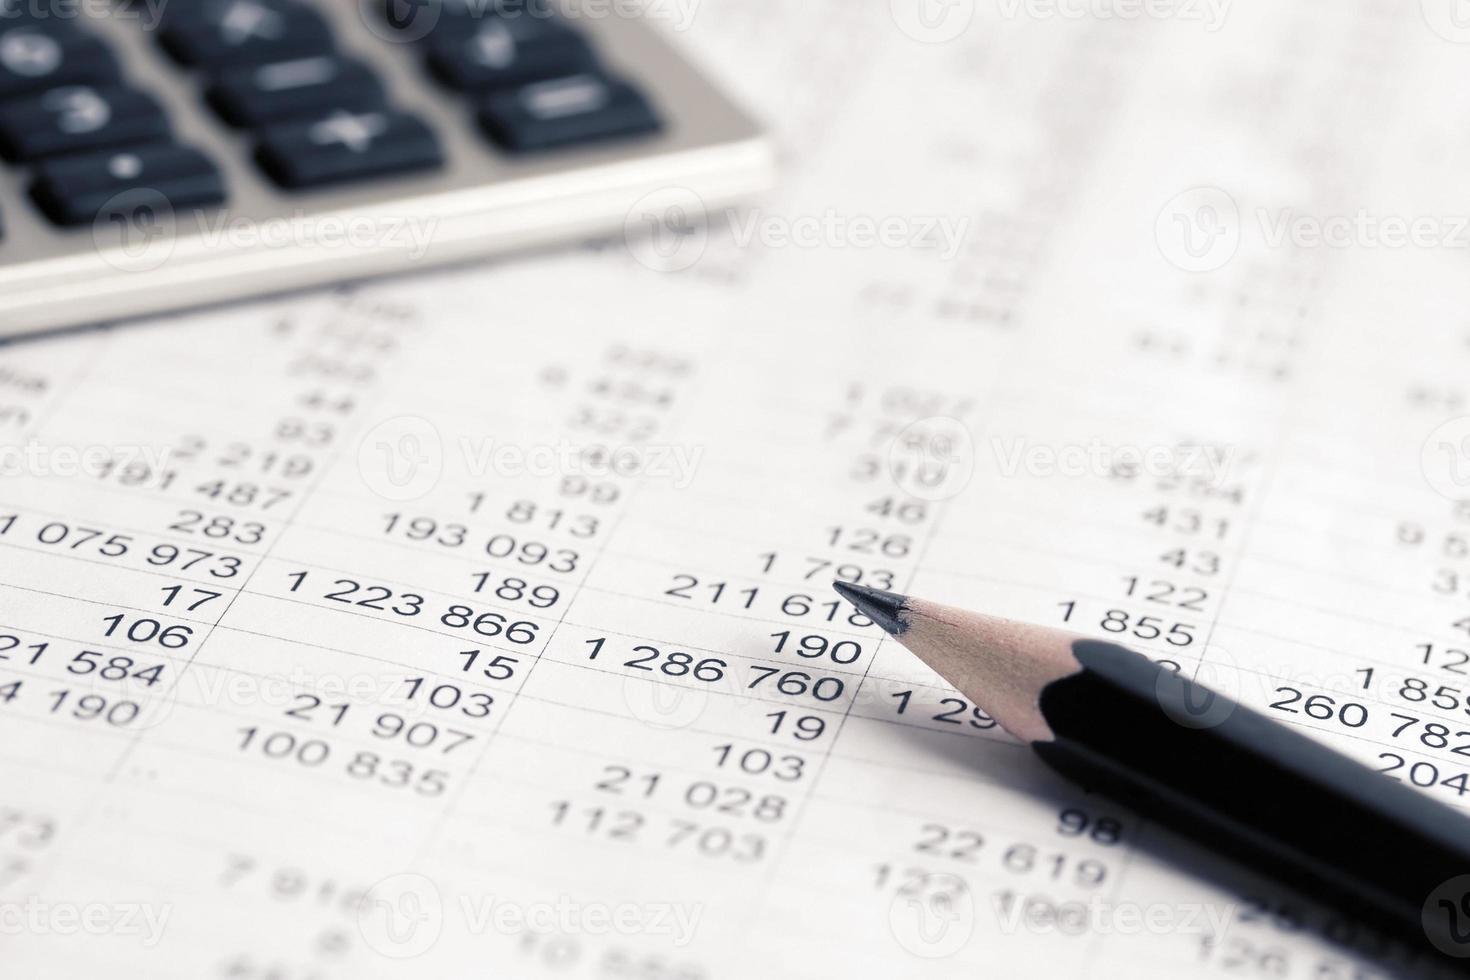 contabilidade financeira foto